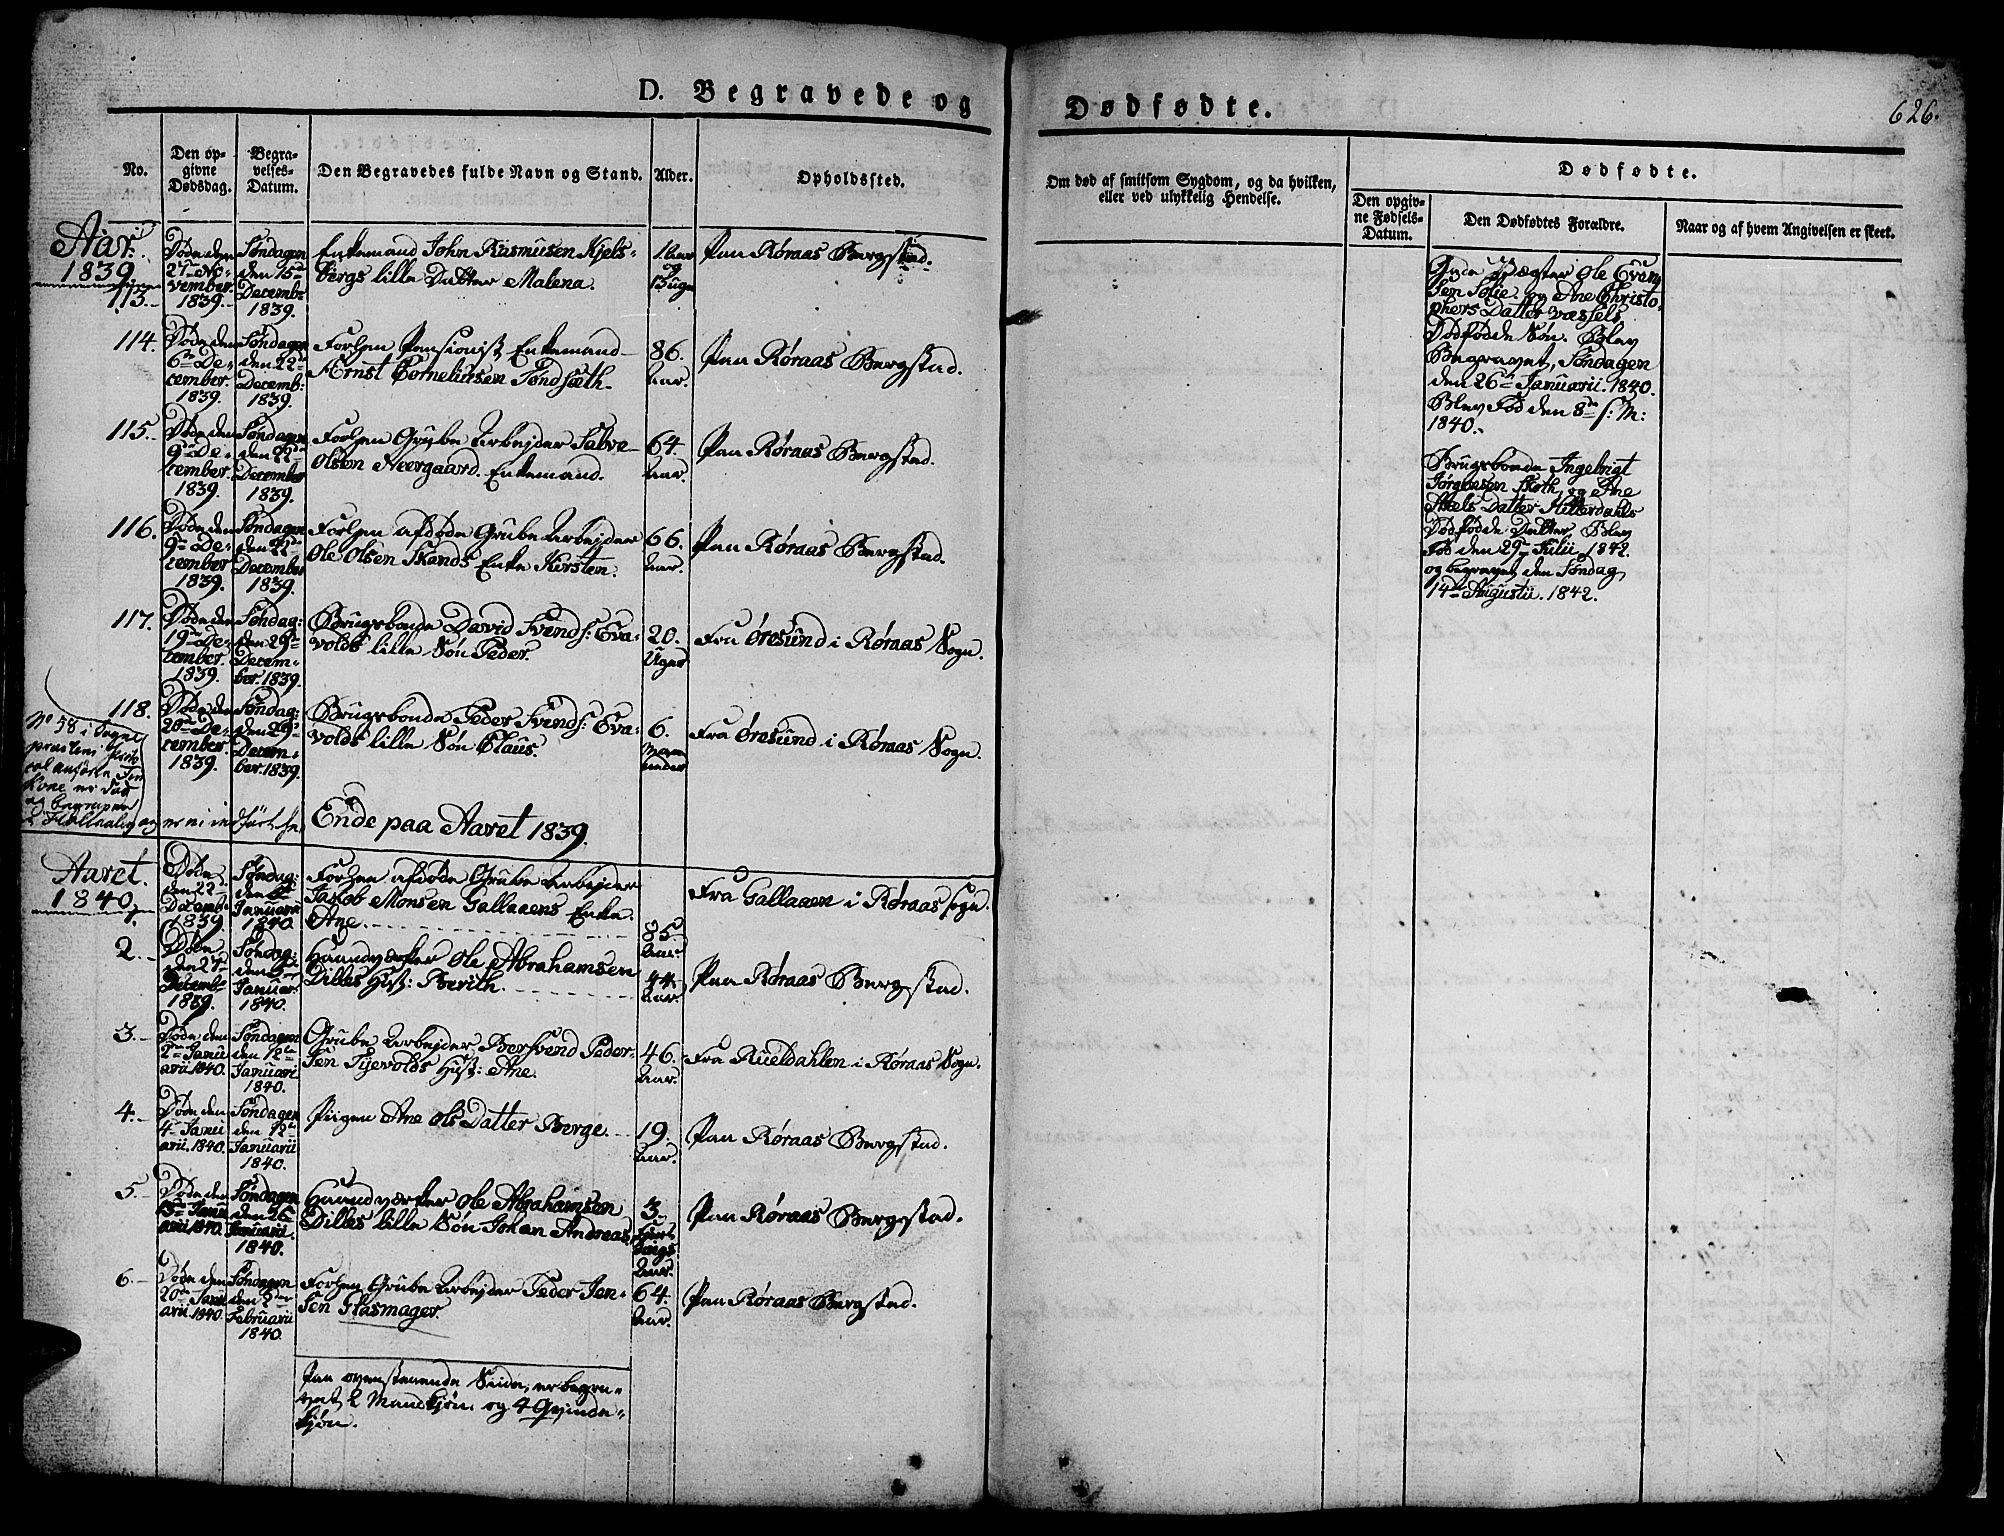 SAT, Ministerialprotokoller, klokkerbøker og fødselsregistre - Sør-Trøndelag, 681/L0939: Klokkerbok nr. 681C03, 1829-1855, s. 626